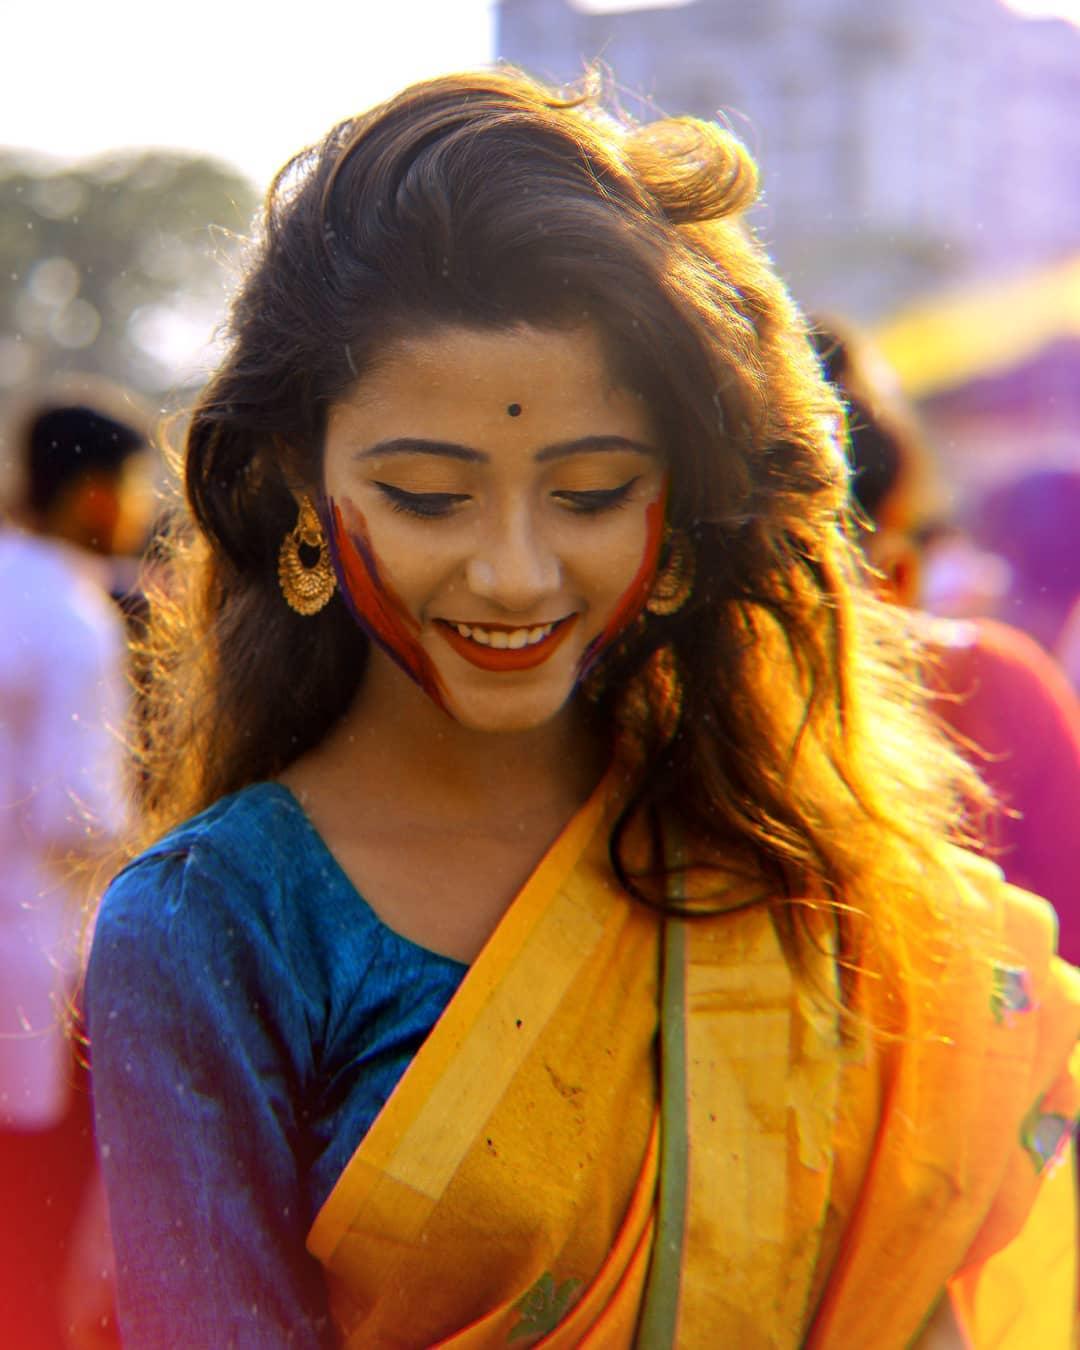 印度小姐姐joyeeta_sanyal instagram图片 第3张